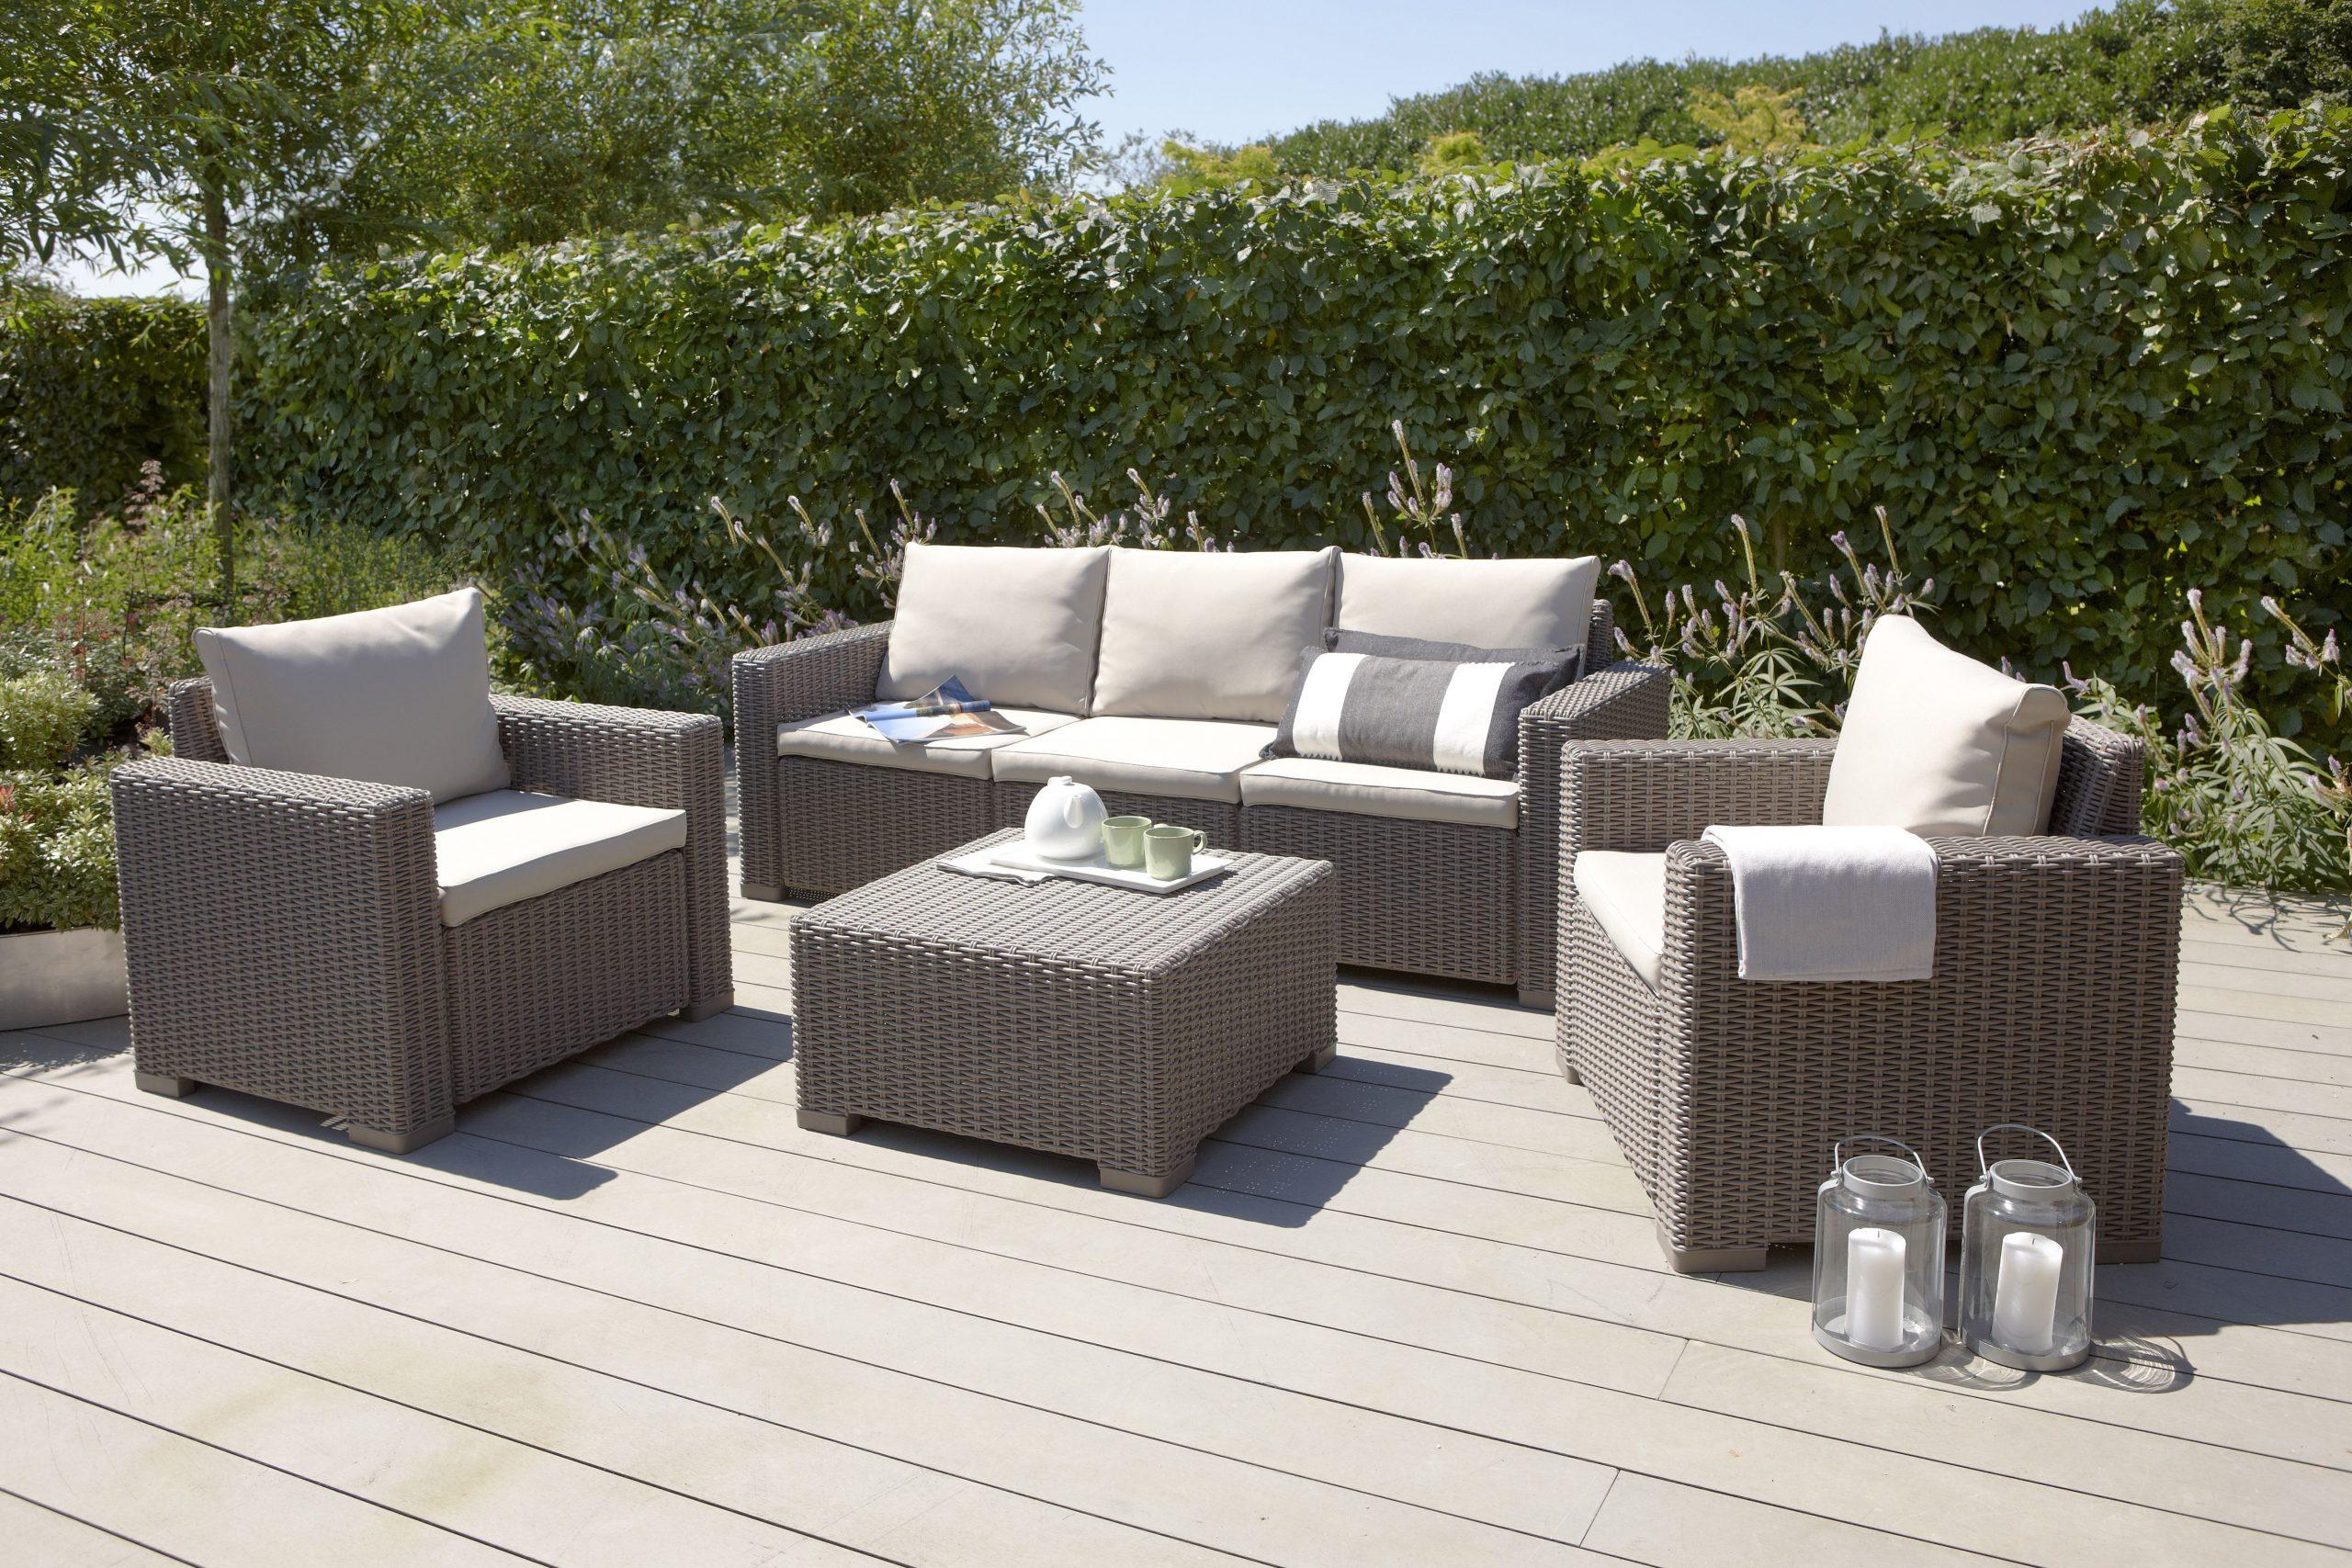 Pin On Patio Furniture 2016 avec Salon De Jardin Hawai